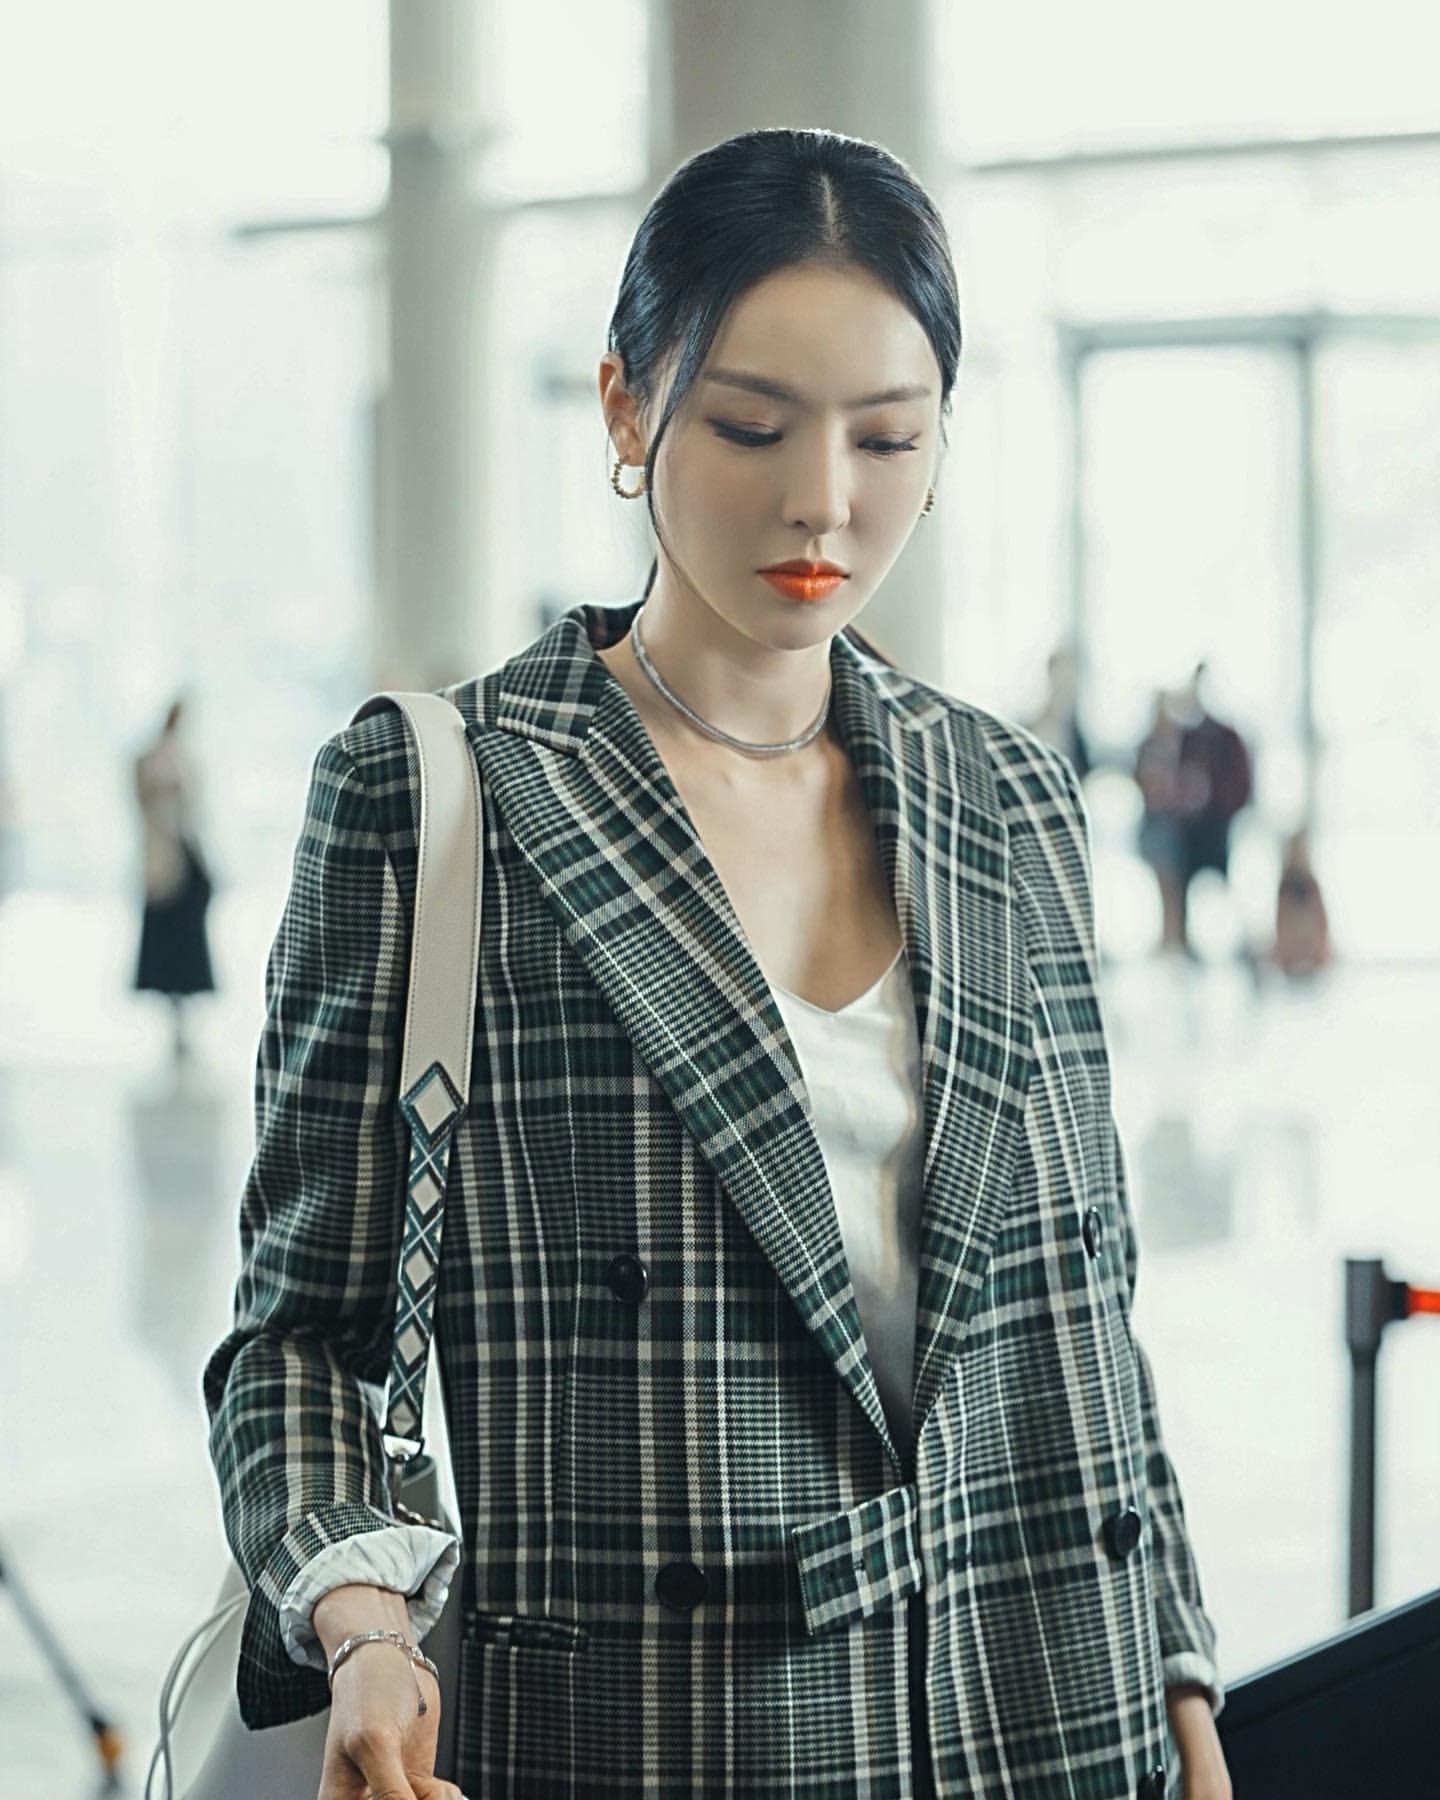 Phim Hàn gần đây có thể ảm đạm, nhưng thời trang trong đó vẫn là nguồn cảm hứng dạt dào cho chị em công sở 13